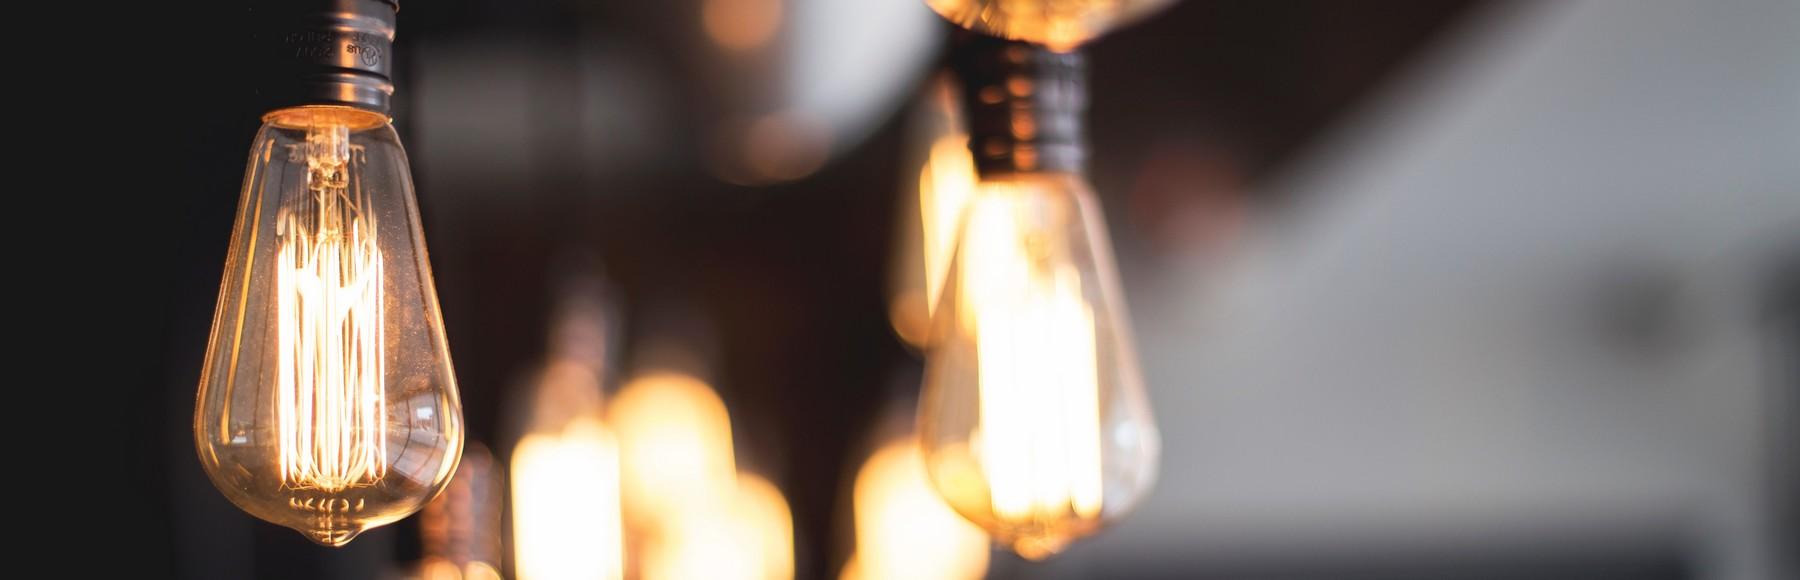 Électriciens - RDG Agence Design